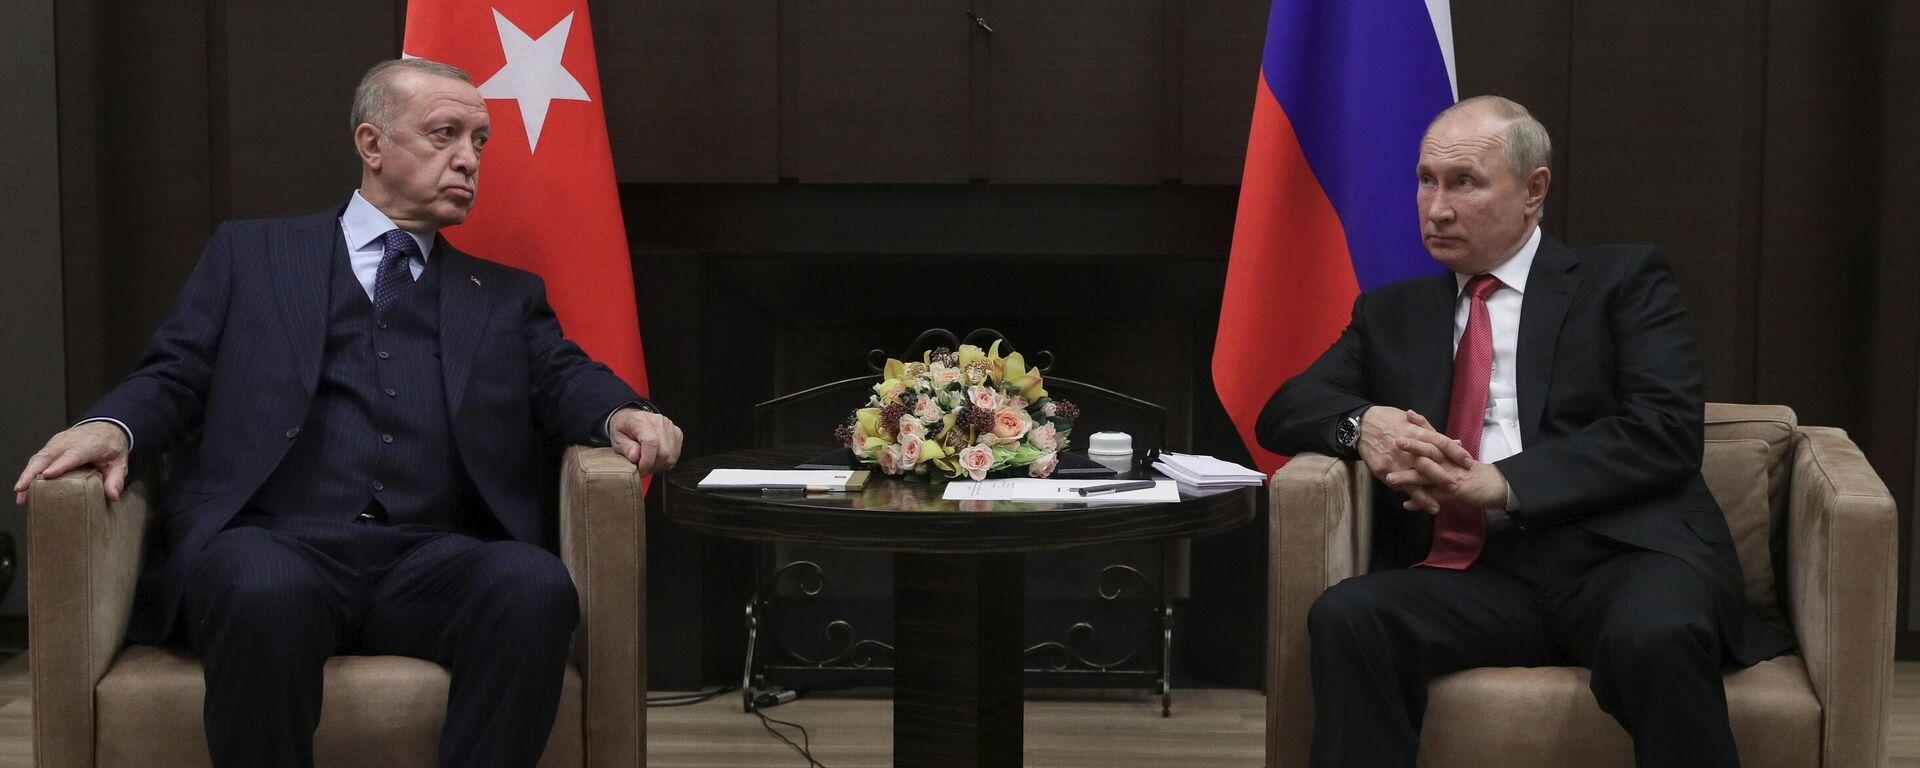 Президент РФ В. Путин провел переговоры с президентом Турции Р. Эрдоганом - Sputnik Грузия, 1920, 29.09.2021